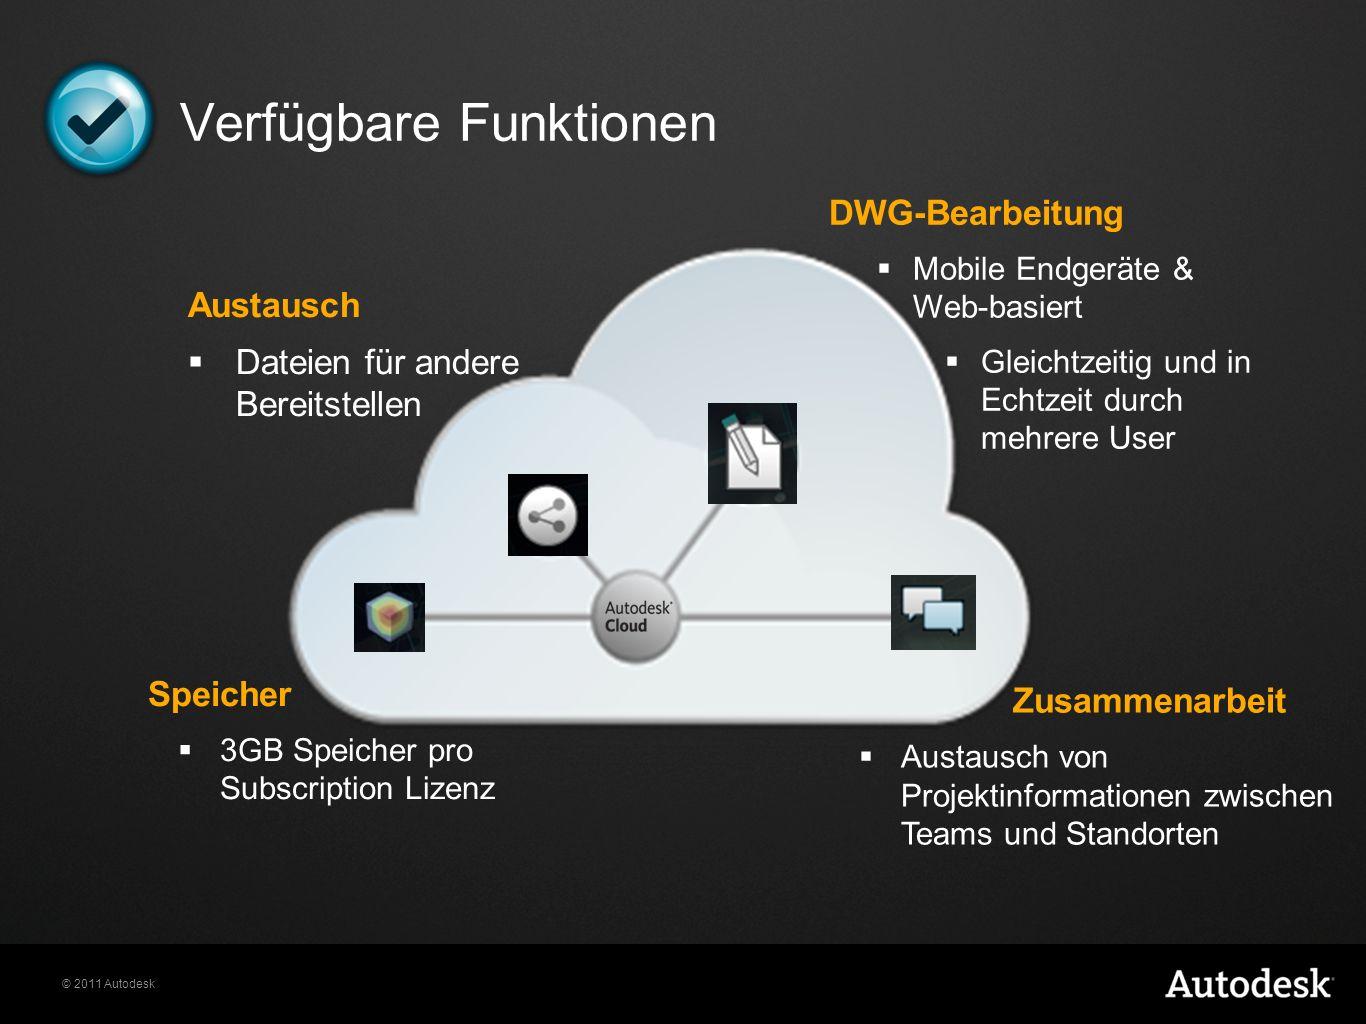 © 2011 Autodesk Verfügbare Funktionen Austausch Dateien für andere Bereitstellen DWG-Bearbeitung Mobile Endgeräte & Web-basiert Gleichtzeitig und in E